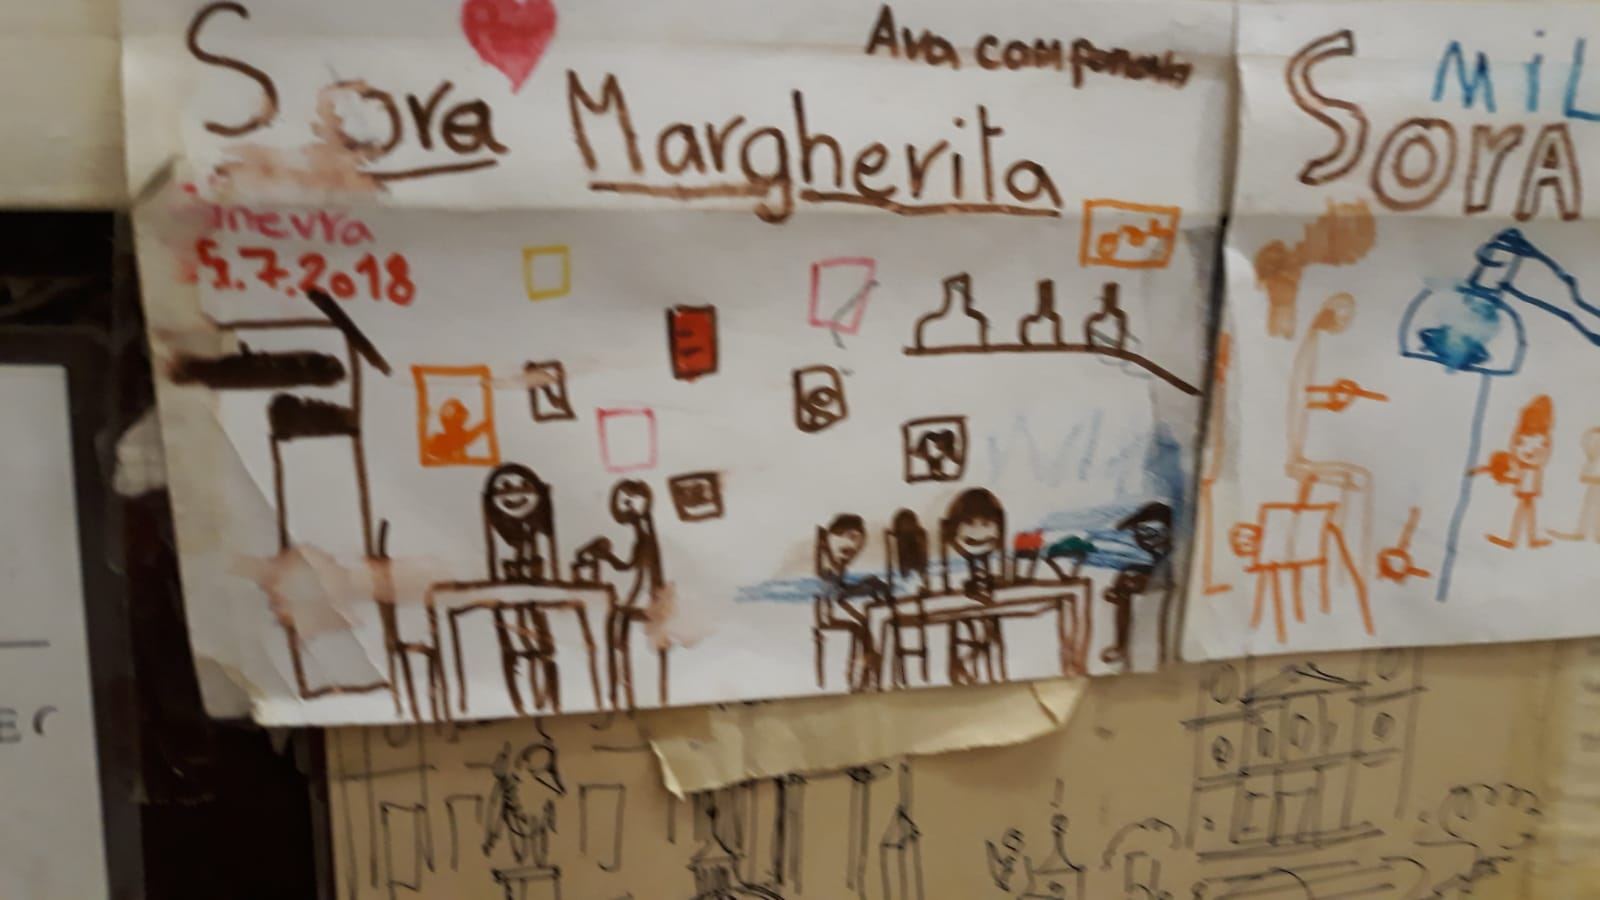 Un des petits mots et dessins collés sur le mur du resto dans le ghetto Sora Margherita